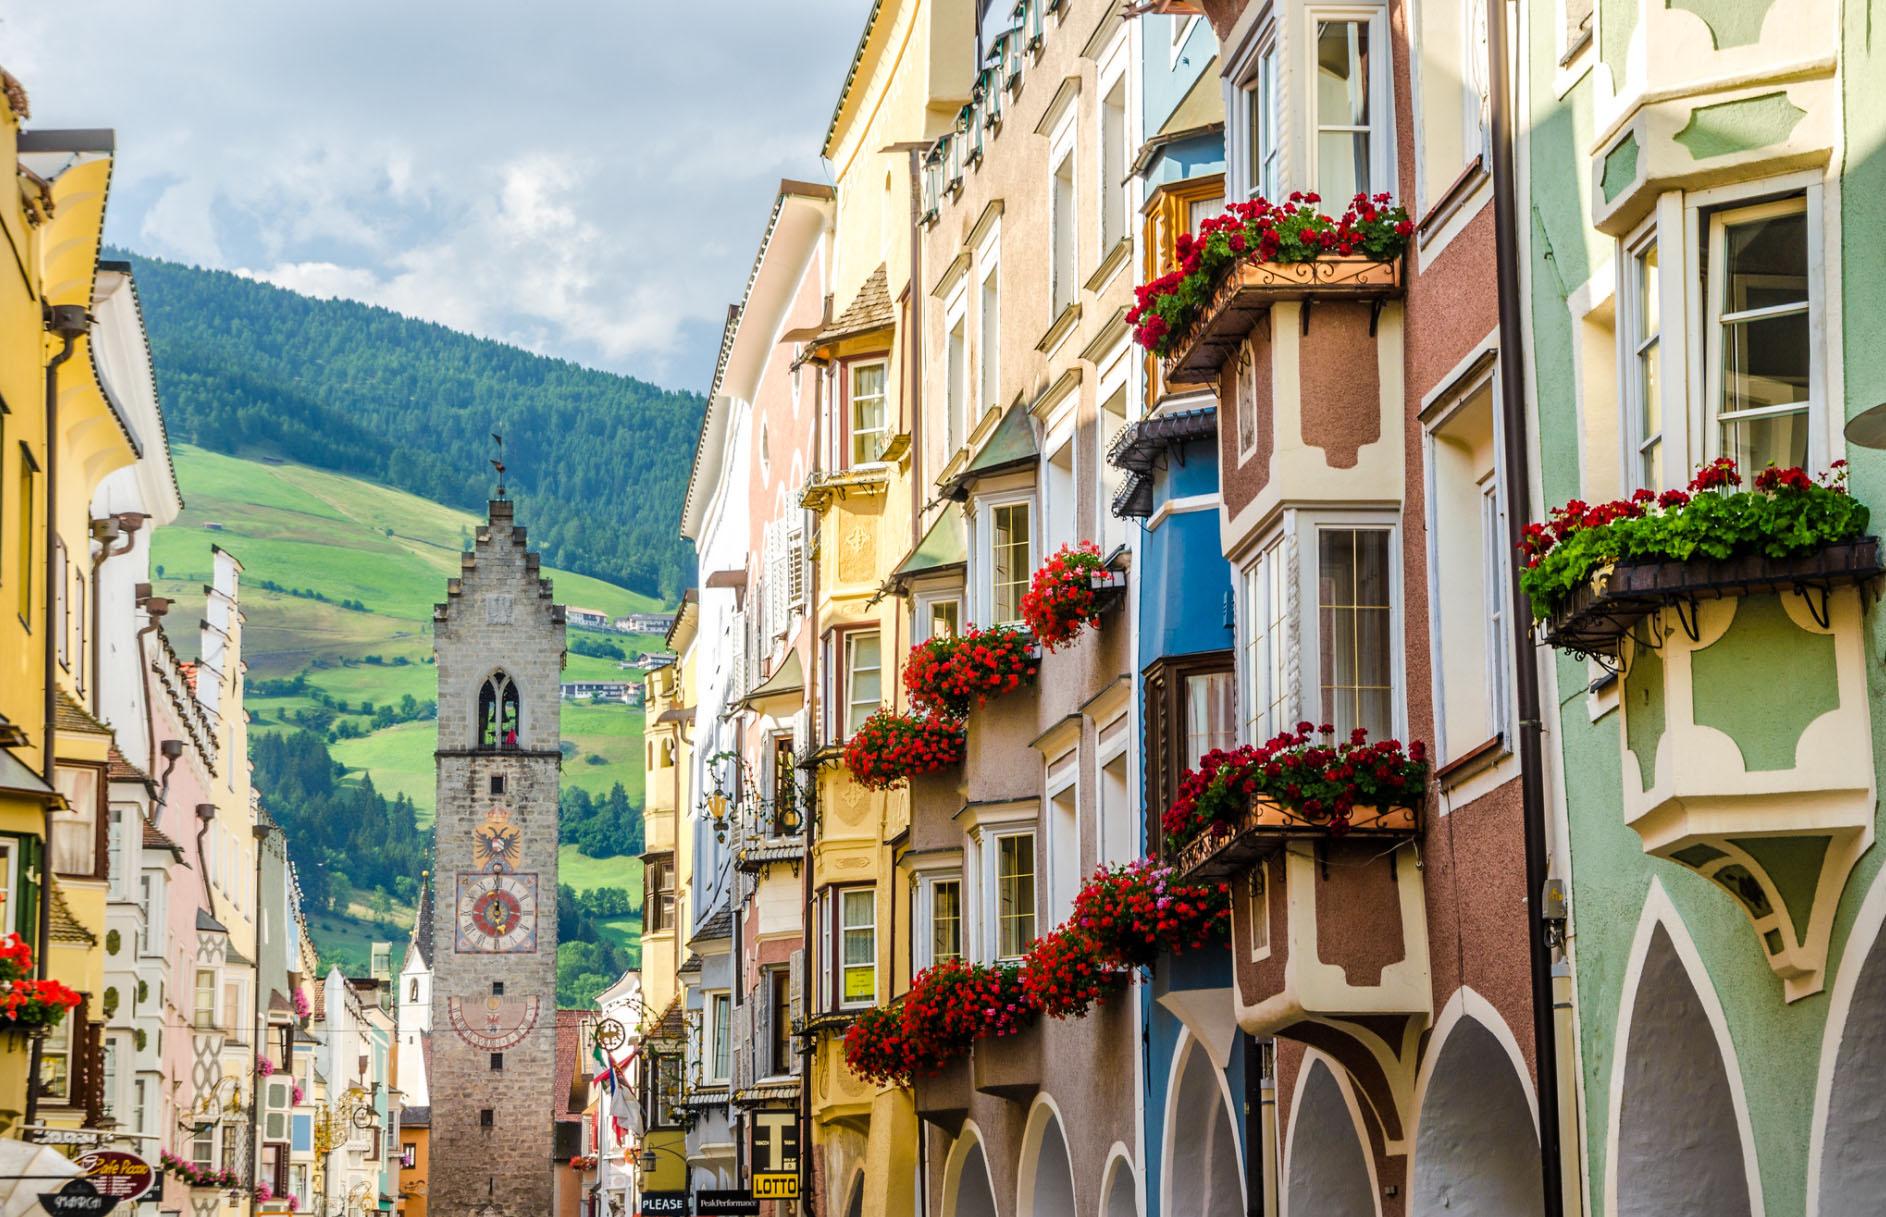 Vipiteno - Trentino - Italy